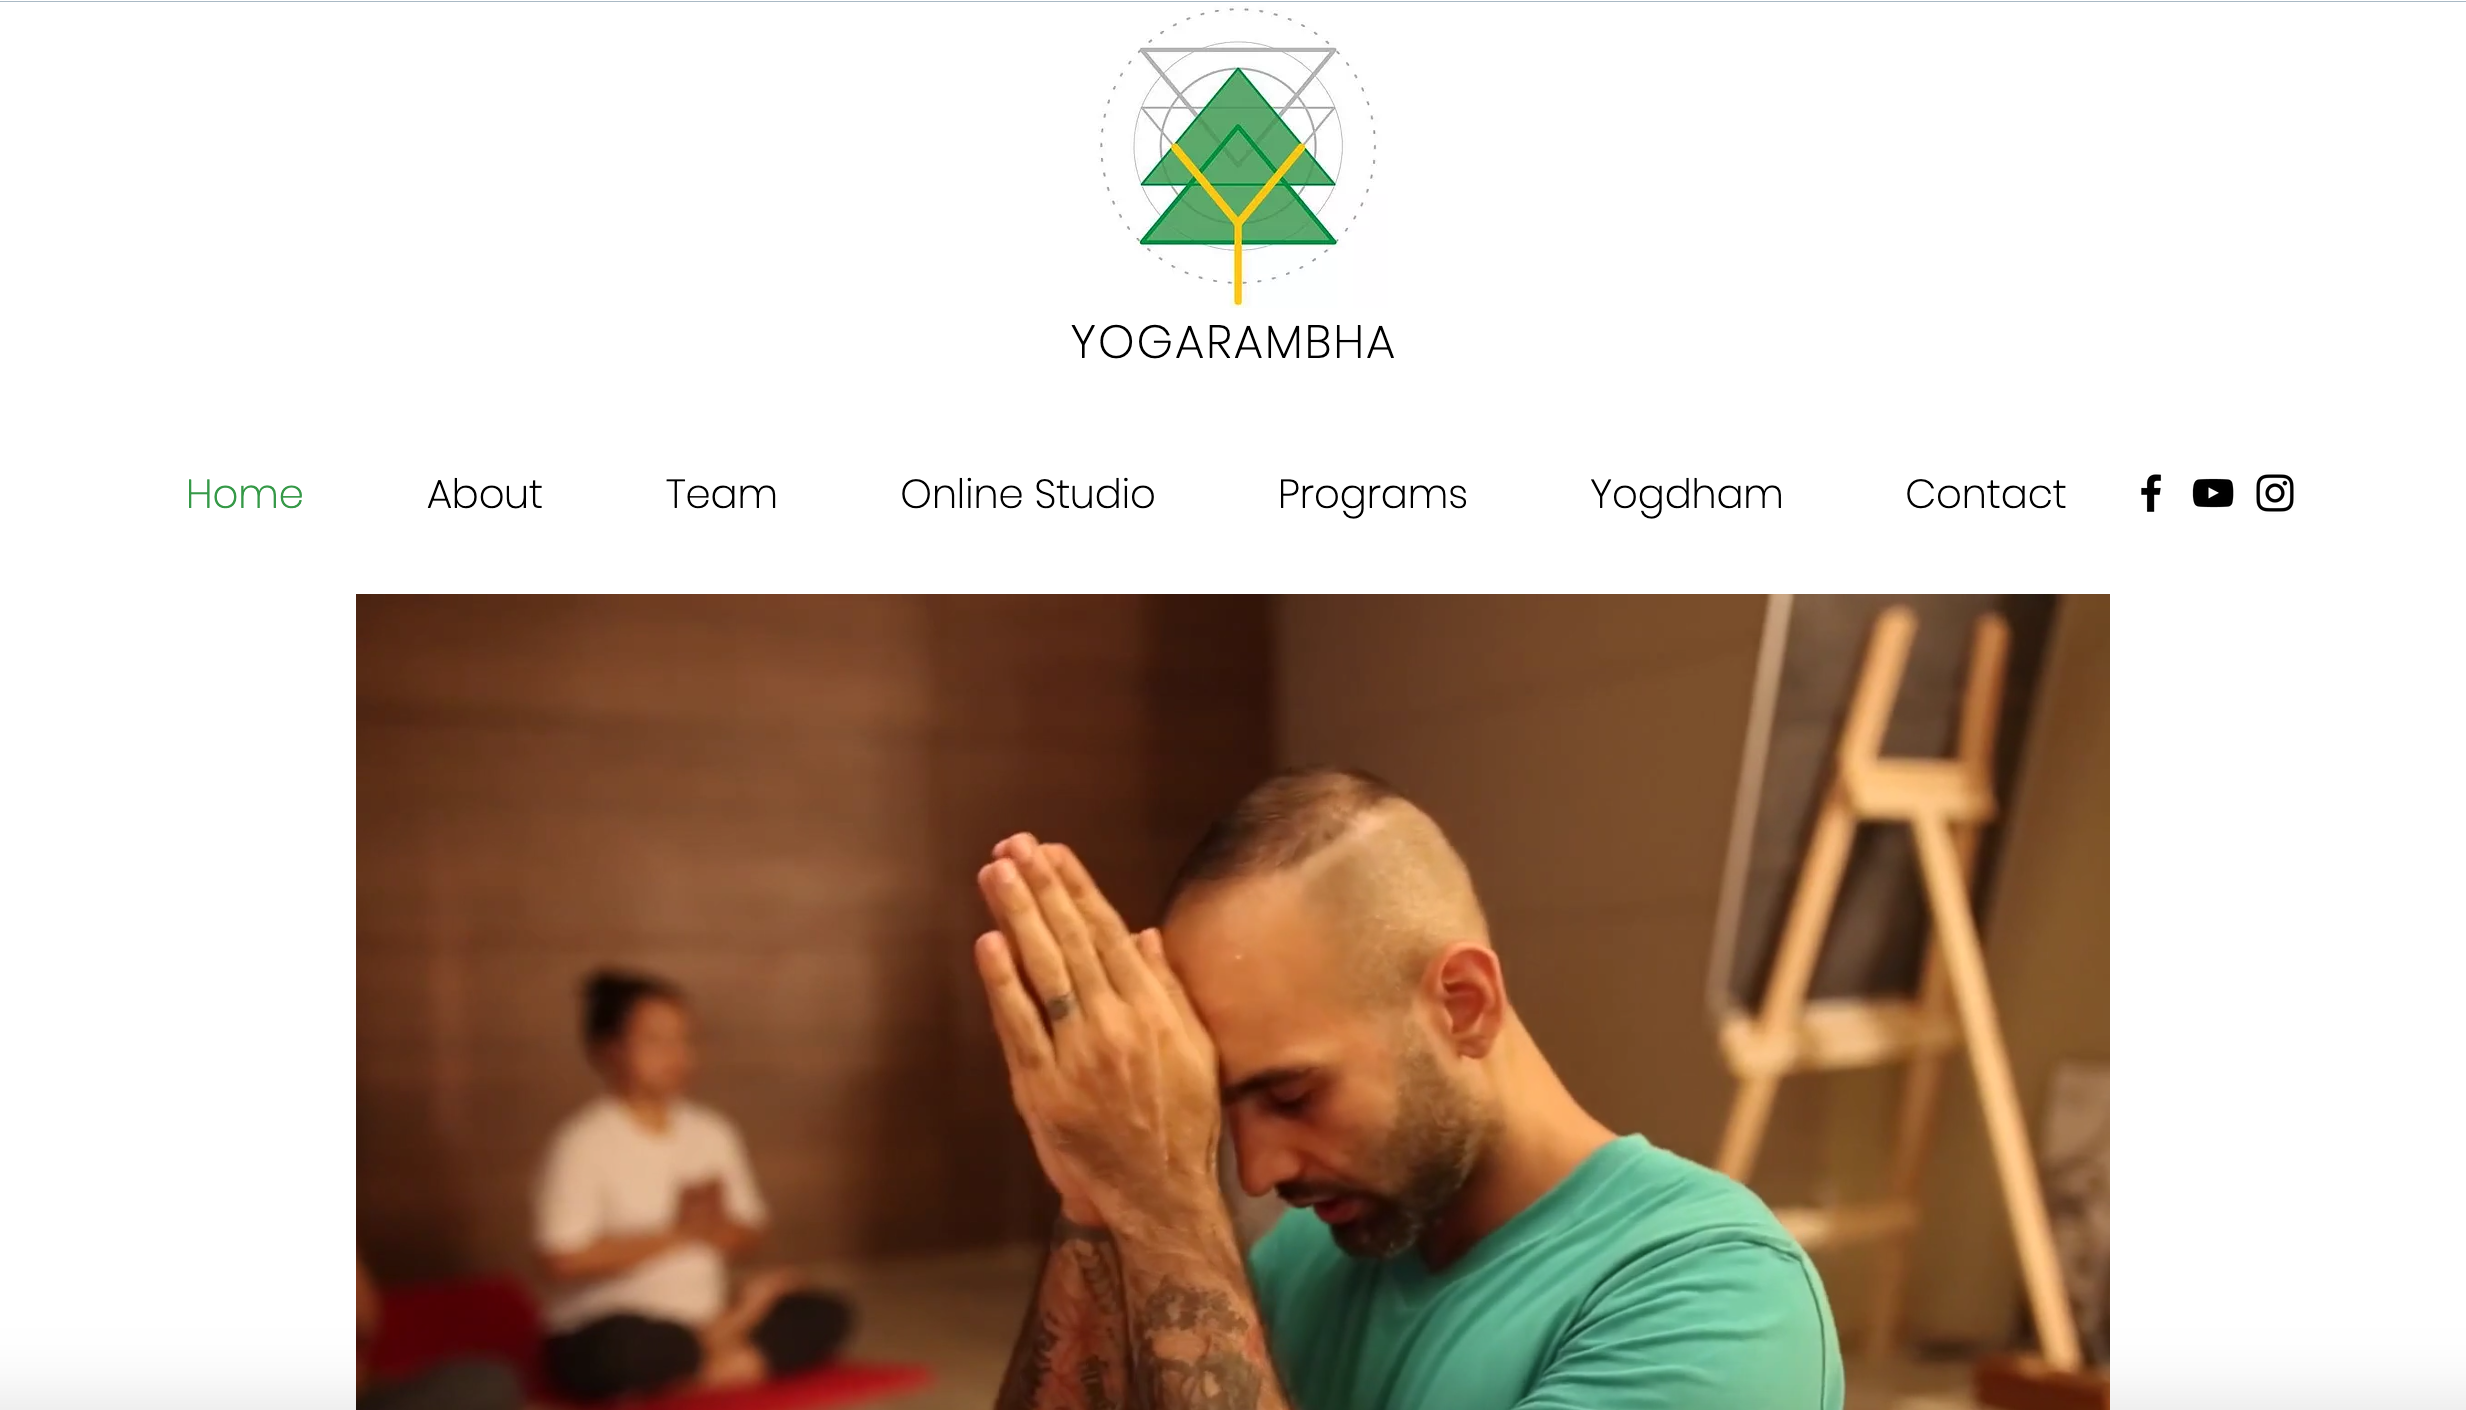 Yogarambha